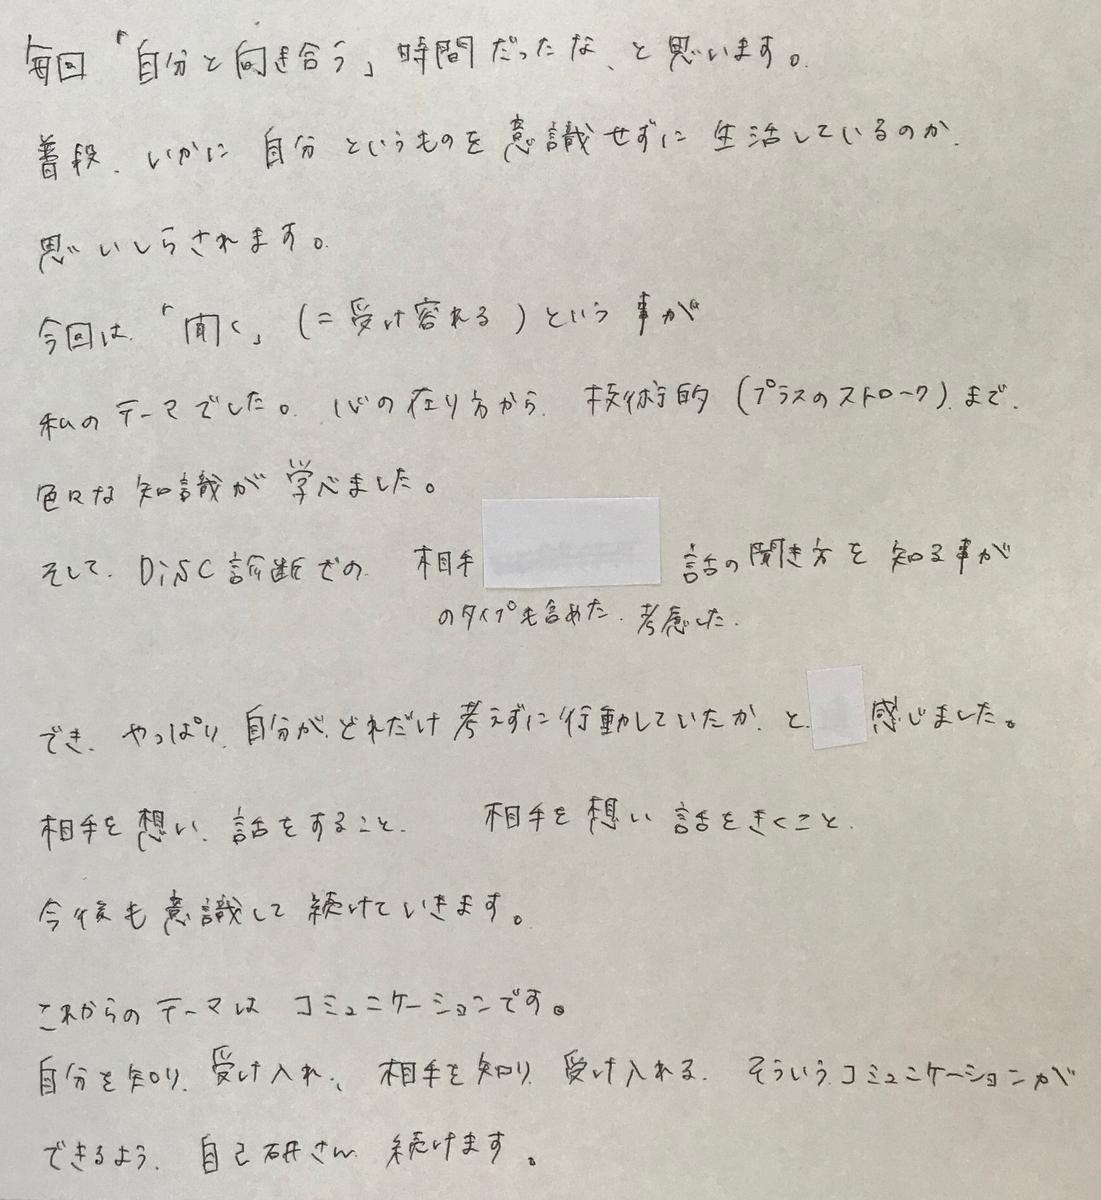 f:id:tanaka-shinichi:20200815175845j:plain